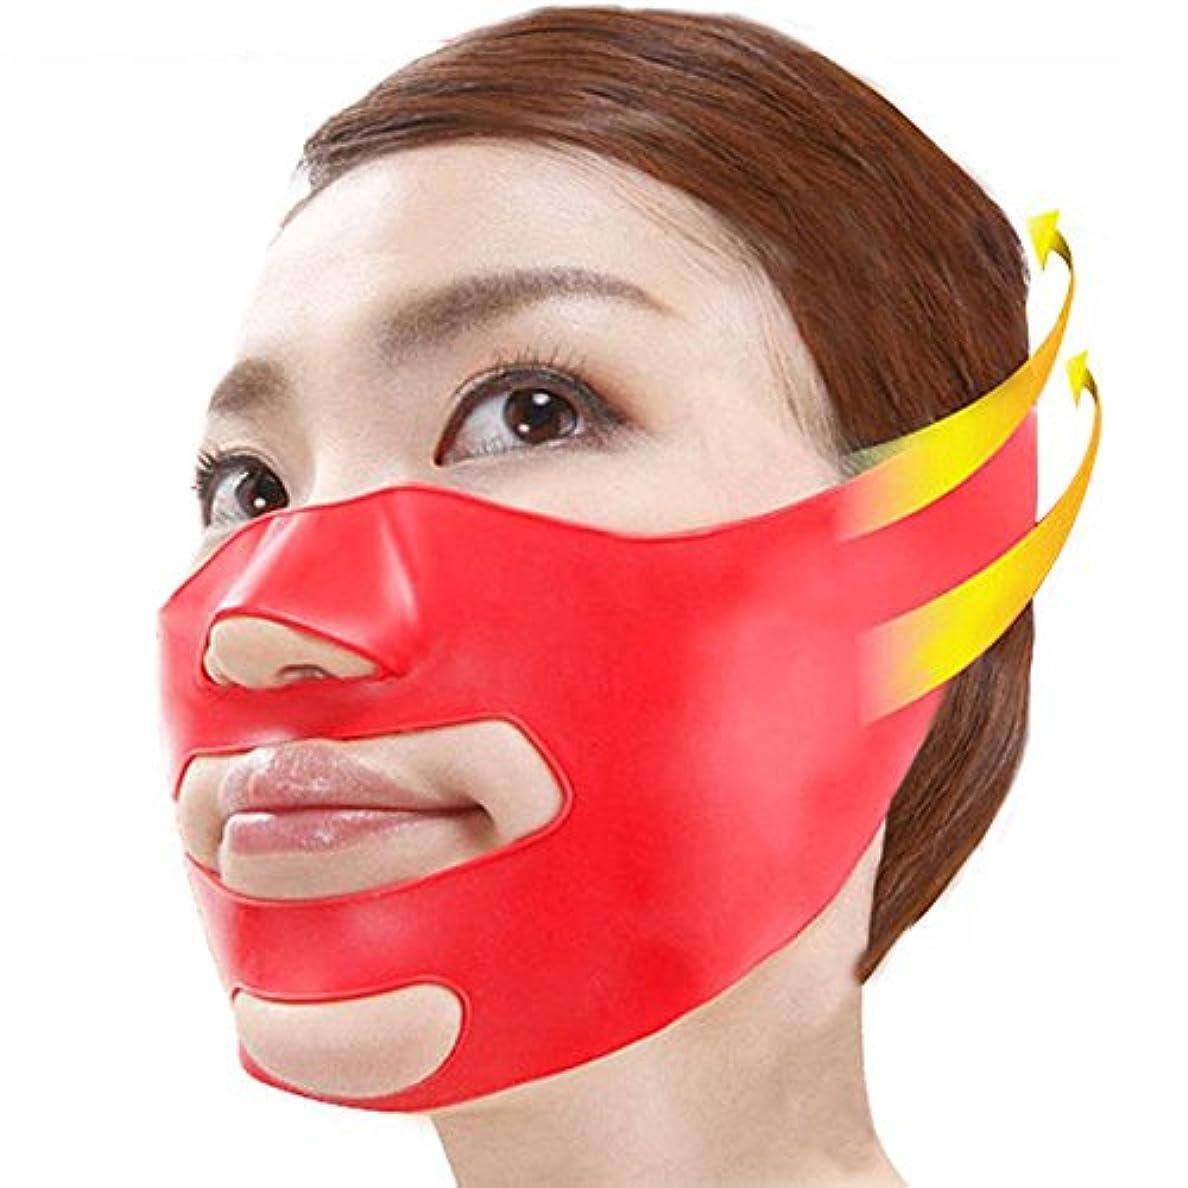 等チャンピオンシップスパイ3D 小顔 マッサージグッズ フェイスマスク 美容 顔痩せ ほうれい線 消す グッズ 美顔 矯正 (フリーサイズ, レッド)